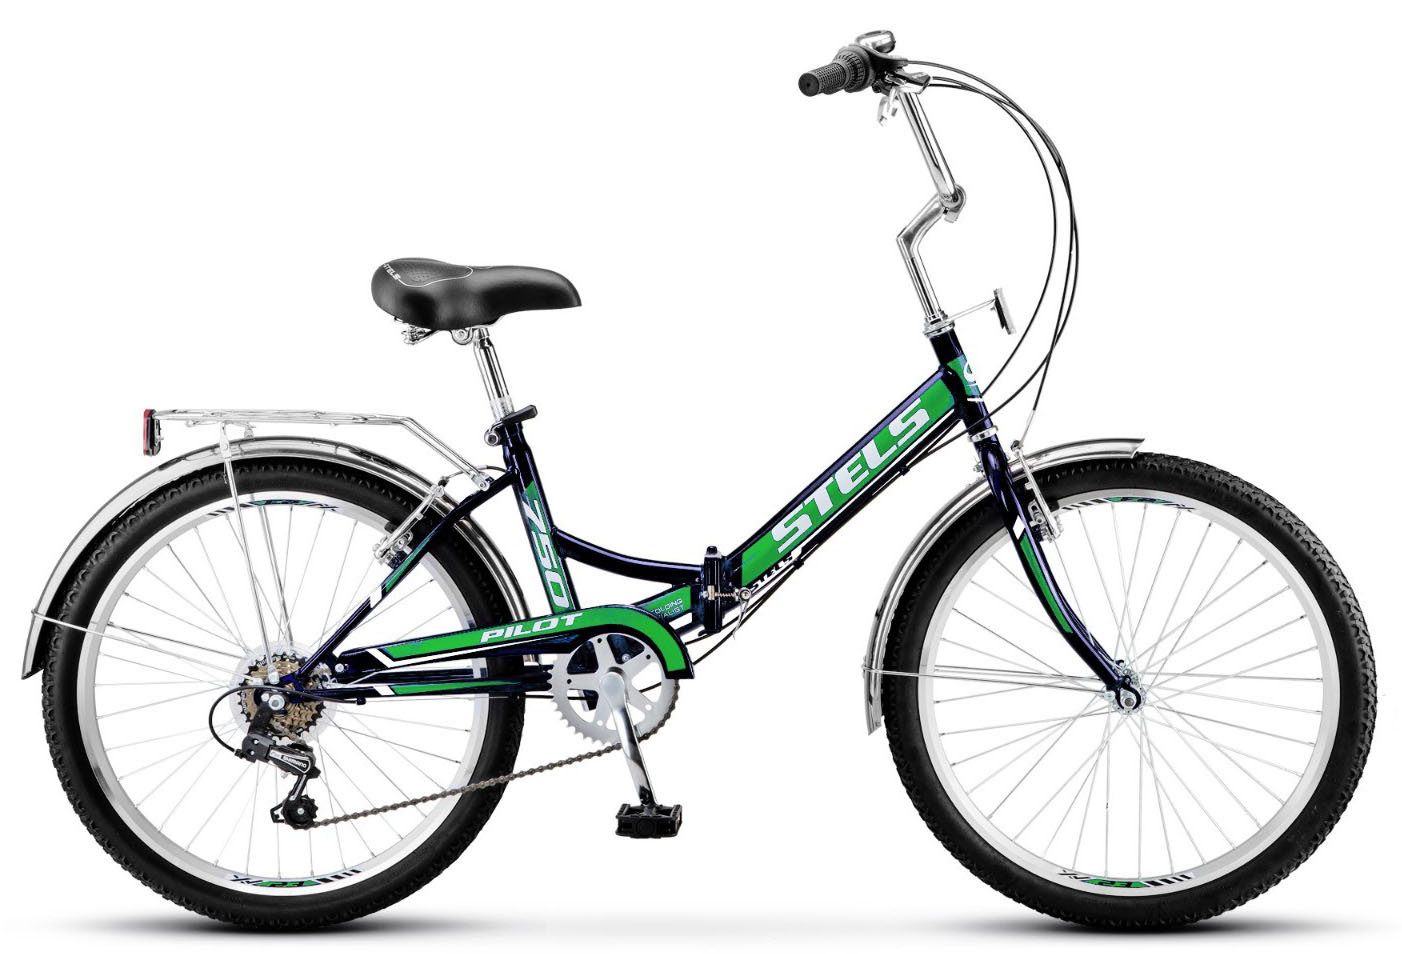 Велосипед Stels Pilot-750 24 Z010 2019 велосипед stels pilot 710 24 z010 2018 колесо 24 рама 16 синий синий